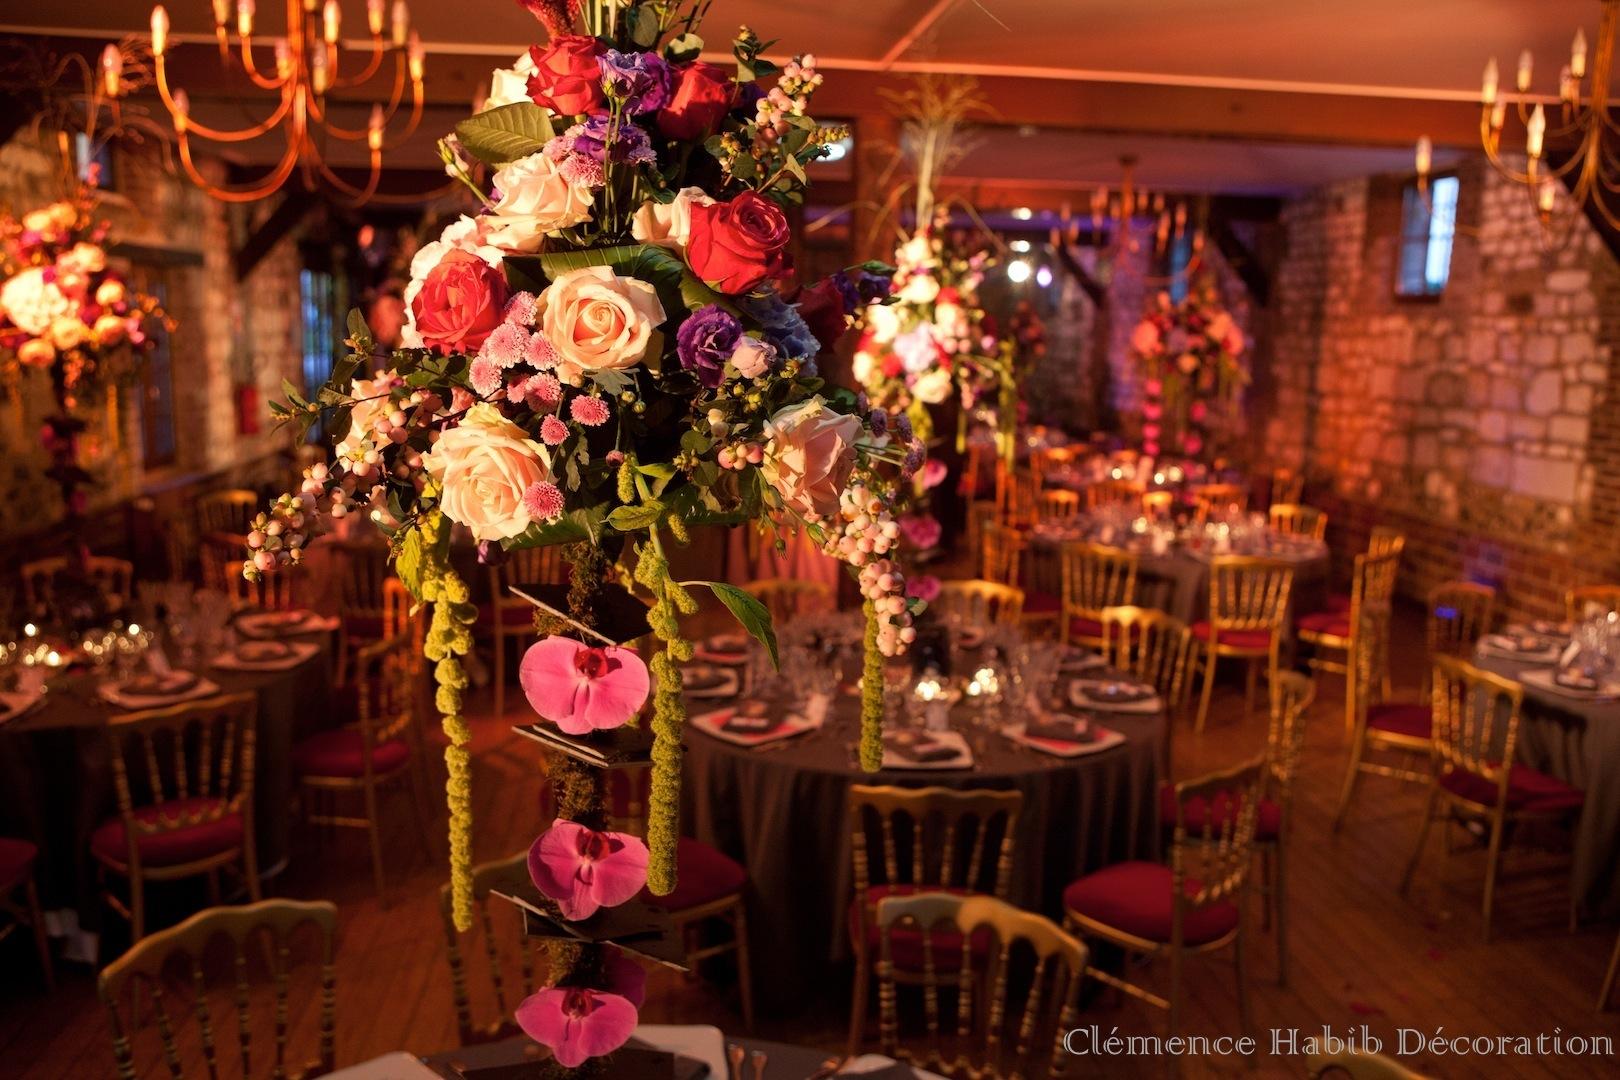 décoration de mariage : alice au pays des merveilles - my cwc